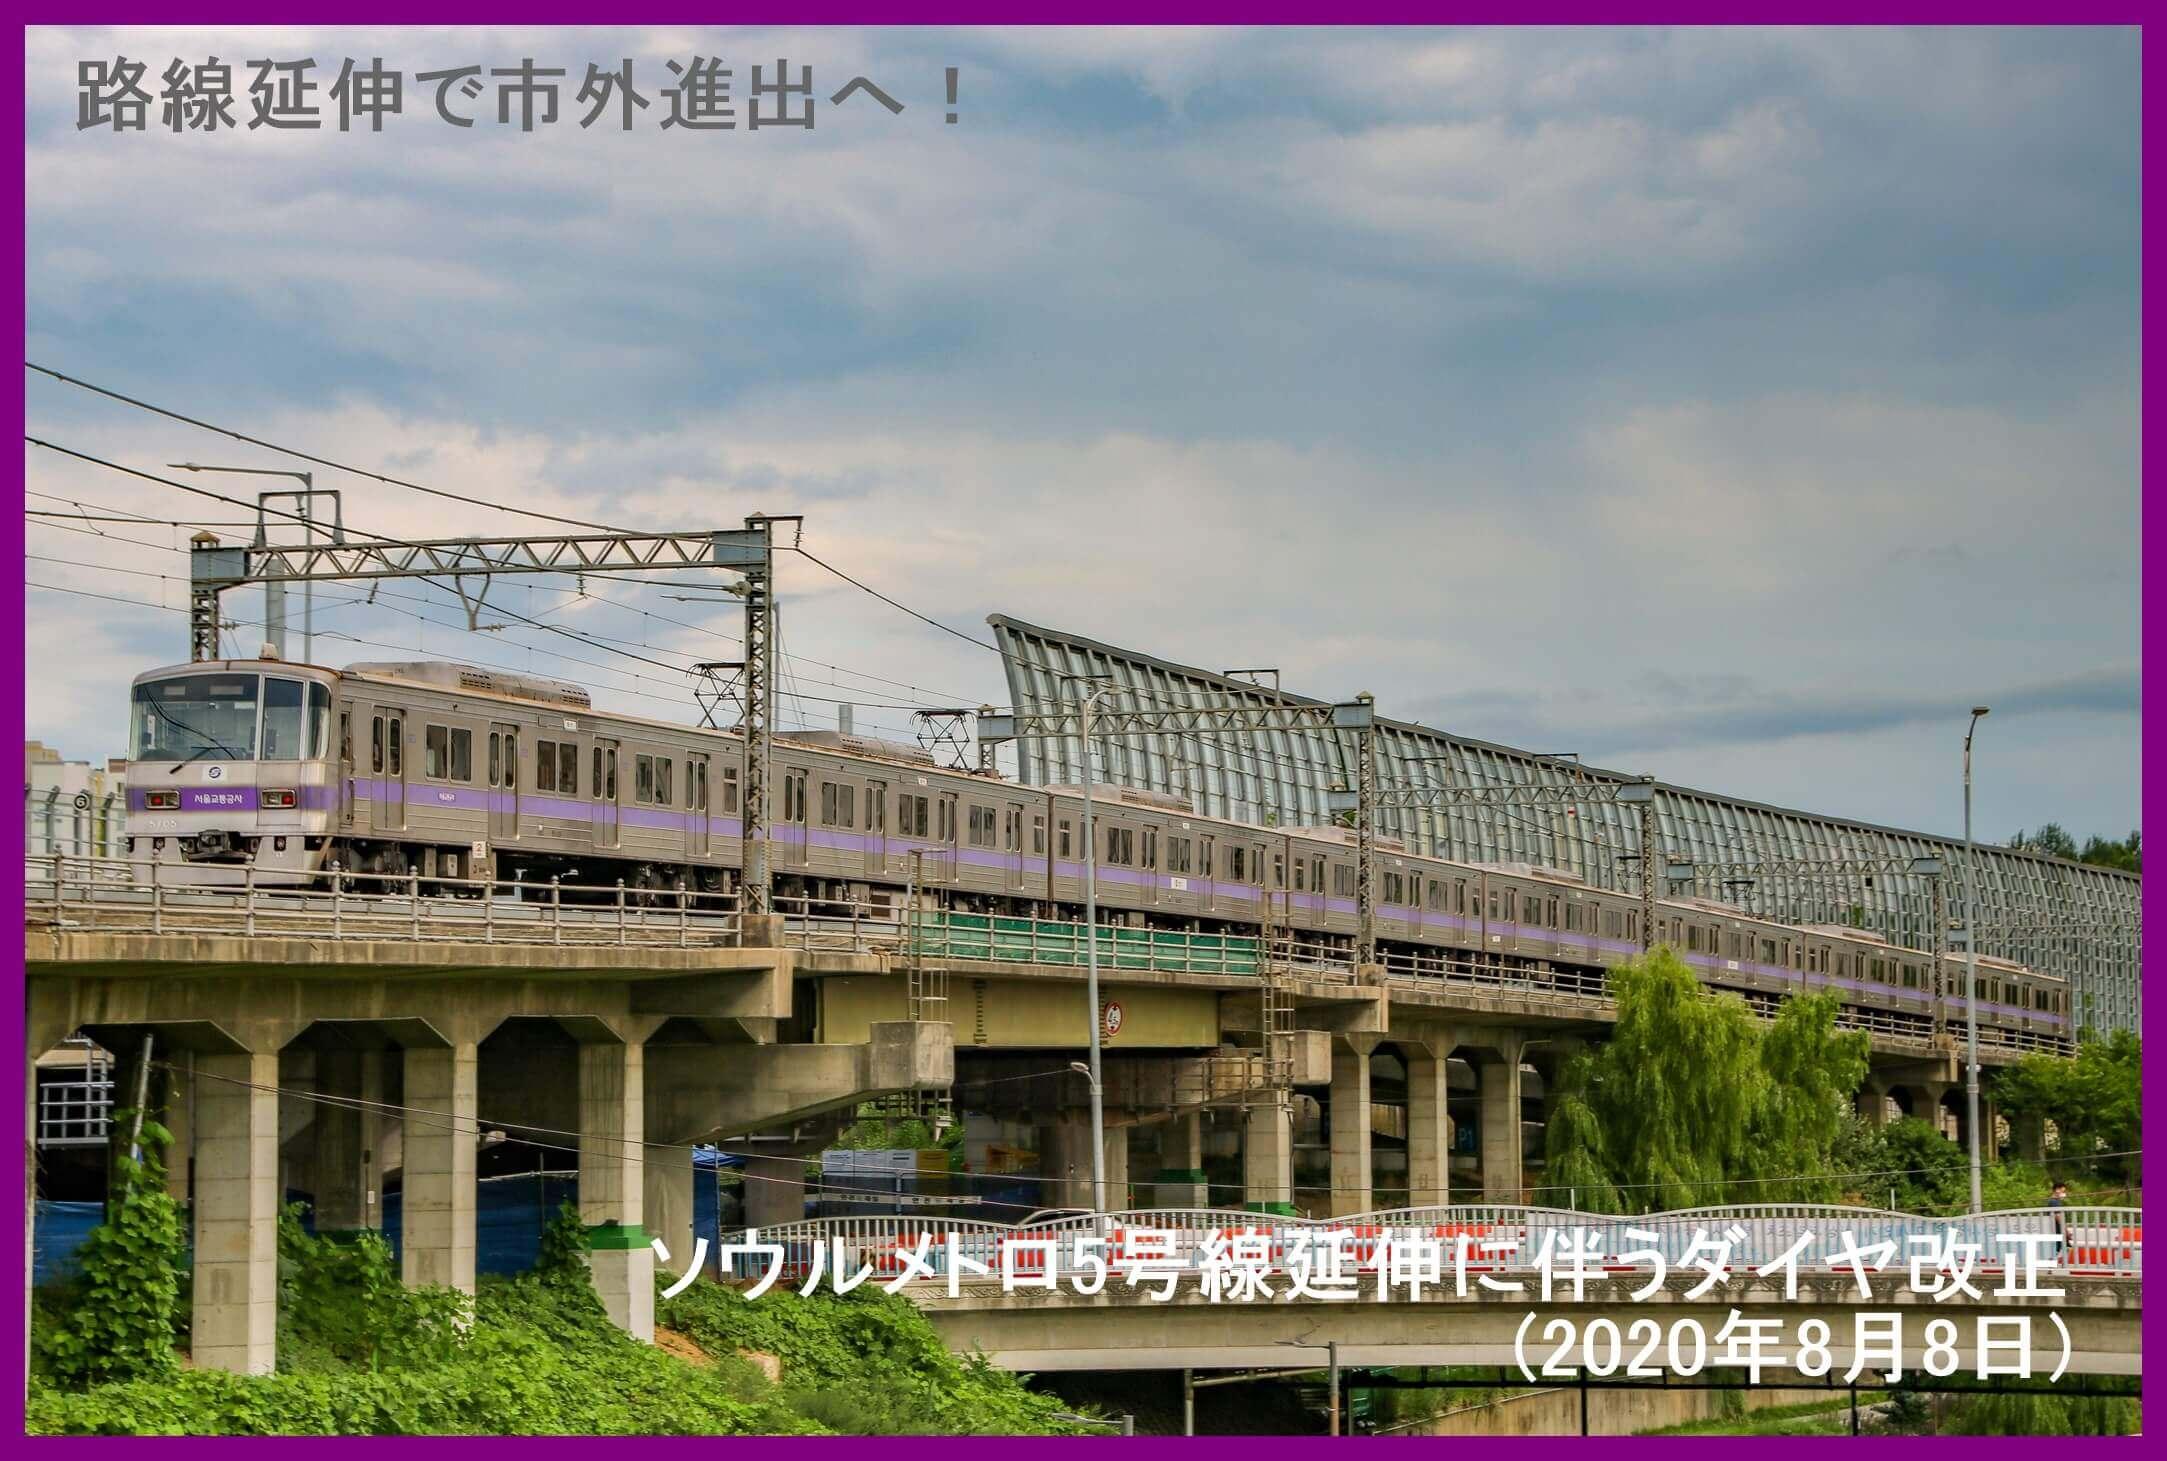 路線延伸で市外進出へ! ソウルメトロ5号線延伸に伴うダイヤ改正(2020年8月8日)